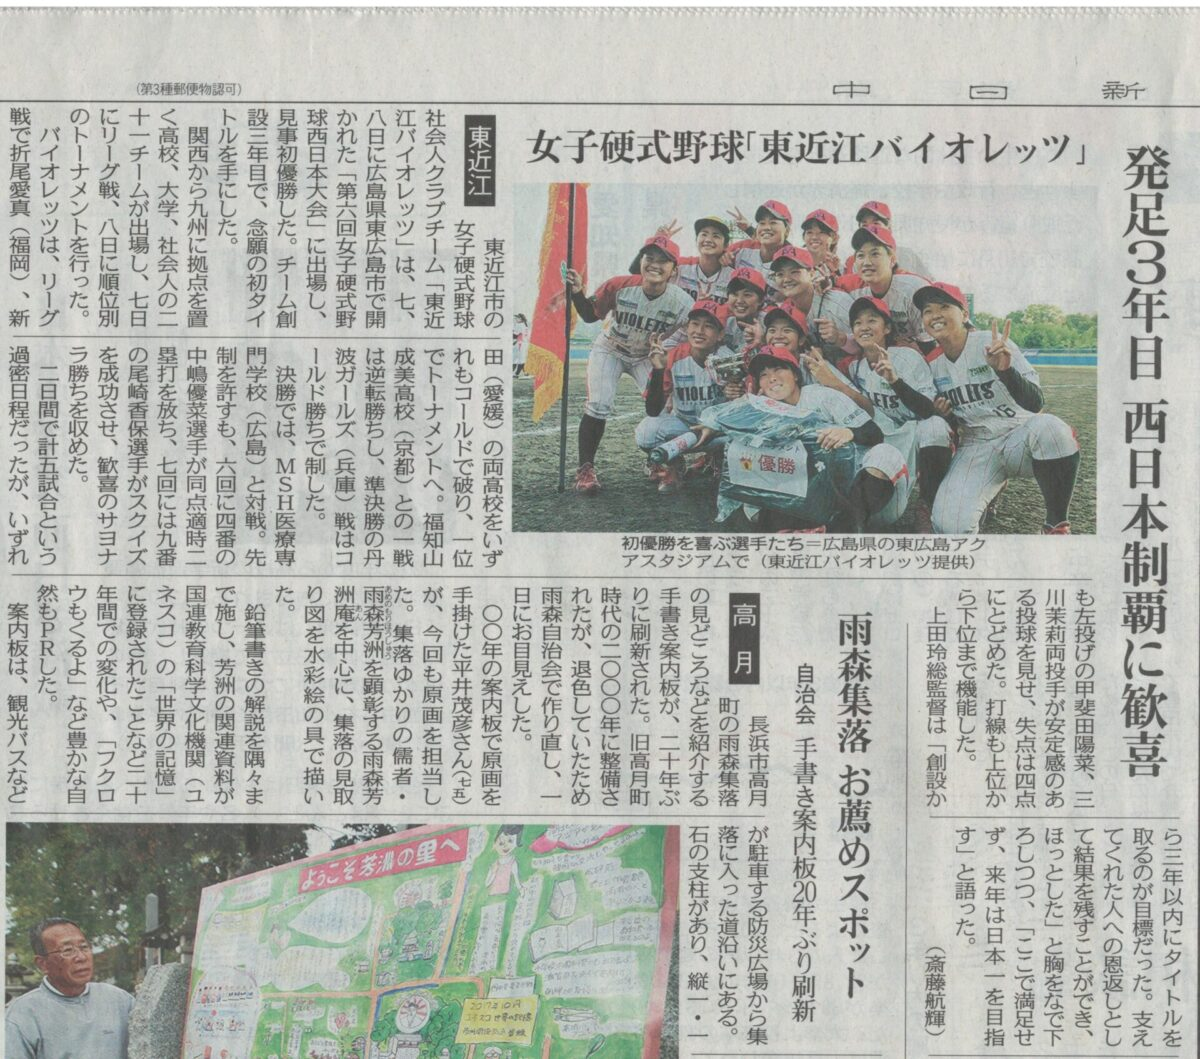 発足3年目 西日本制覇に歓喜